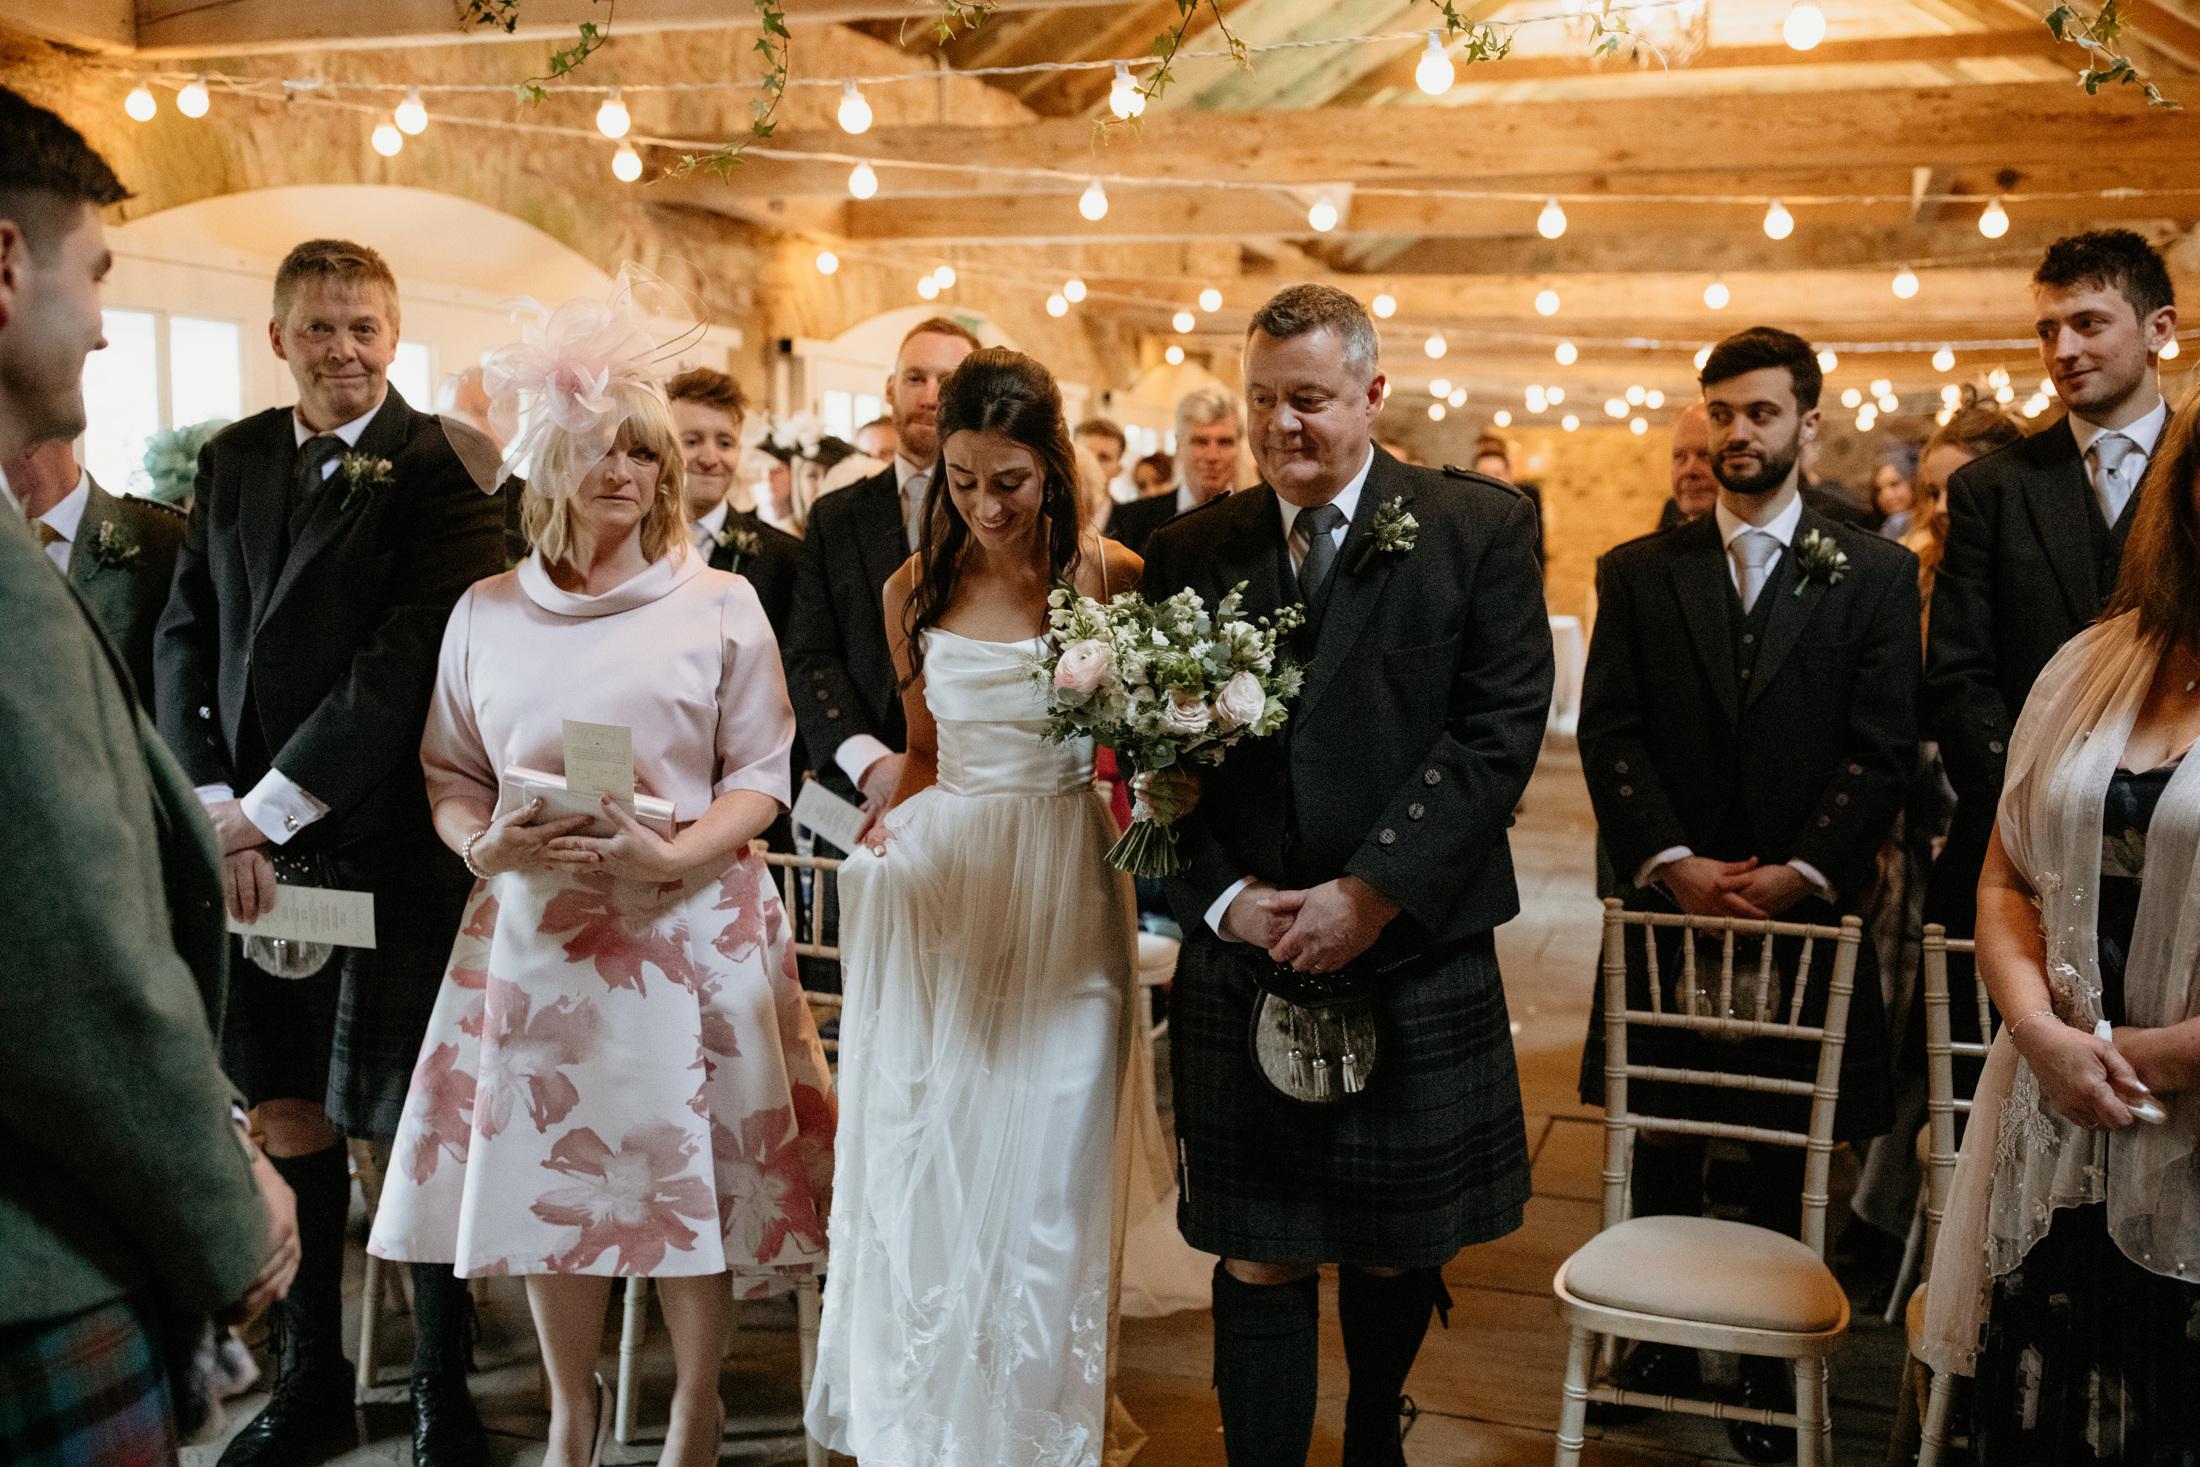 170-Brodie-Lewis-Wedderburn-Castle-Barns-Duns-Lianne-Mackay-Wedding-Photography-Edinburgh-Glasgow-Scotland.jpg